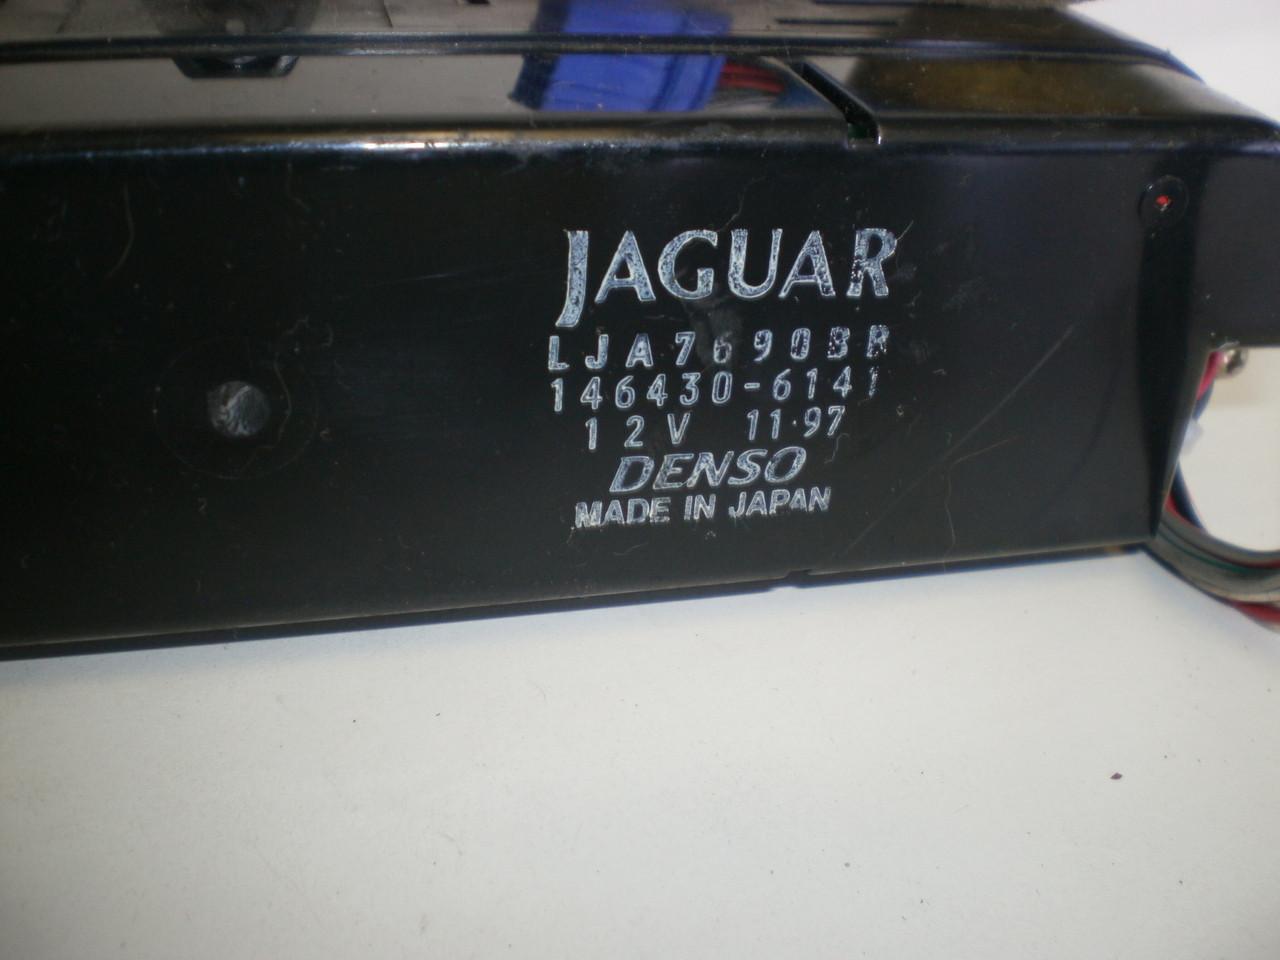 1998 2002 Jaguar Xj8 Vanden Plas Fuse Box Module Relay Lnc 2800 Bc Image 1